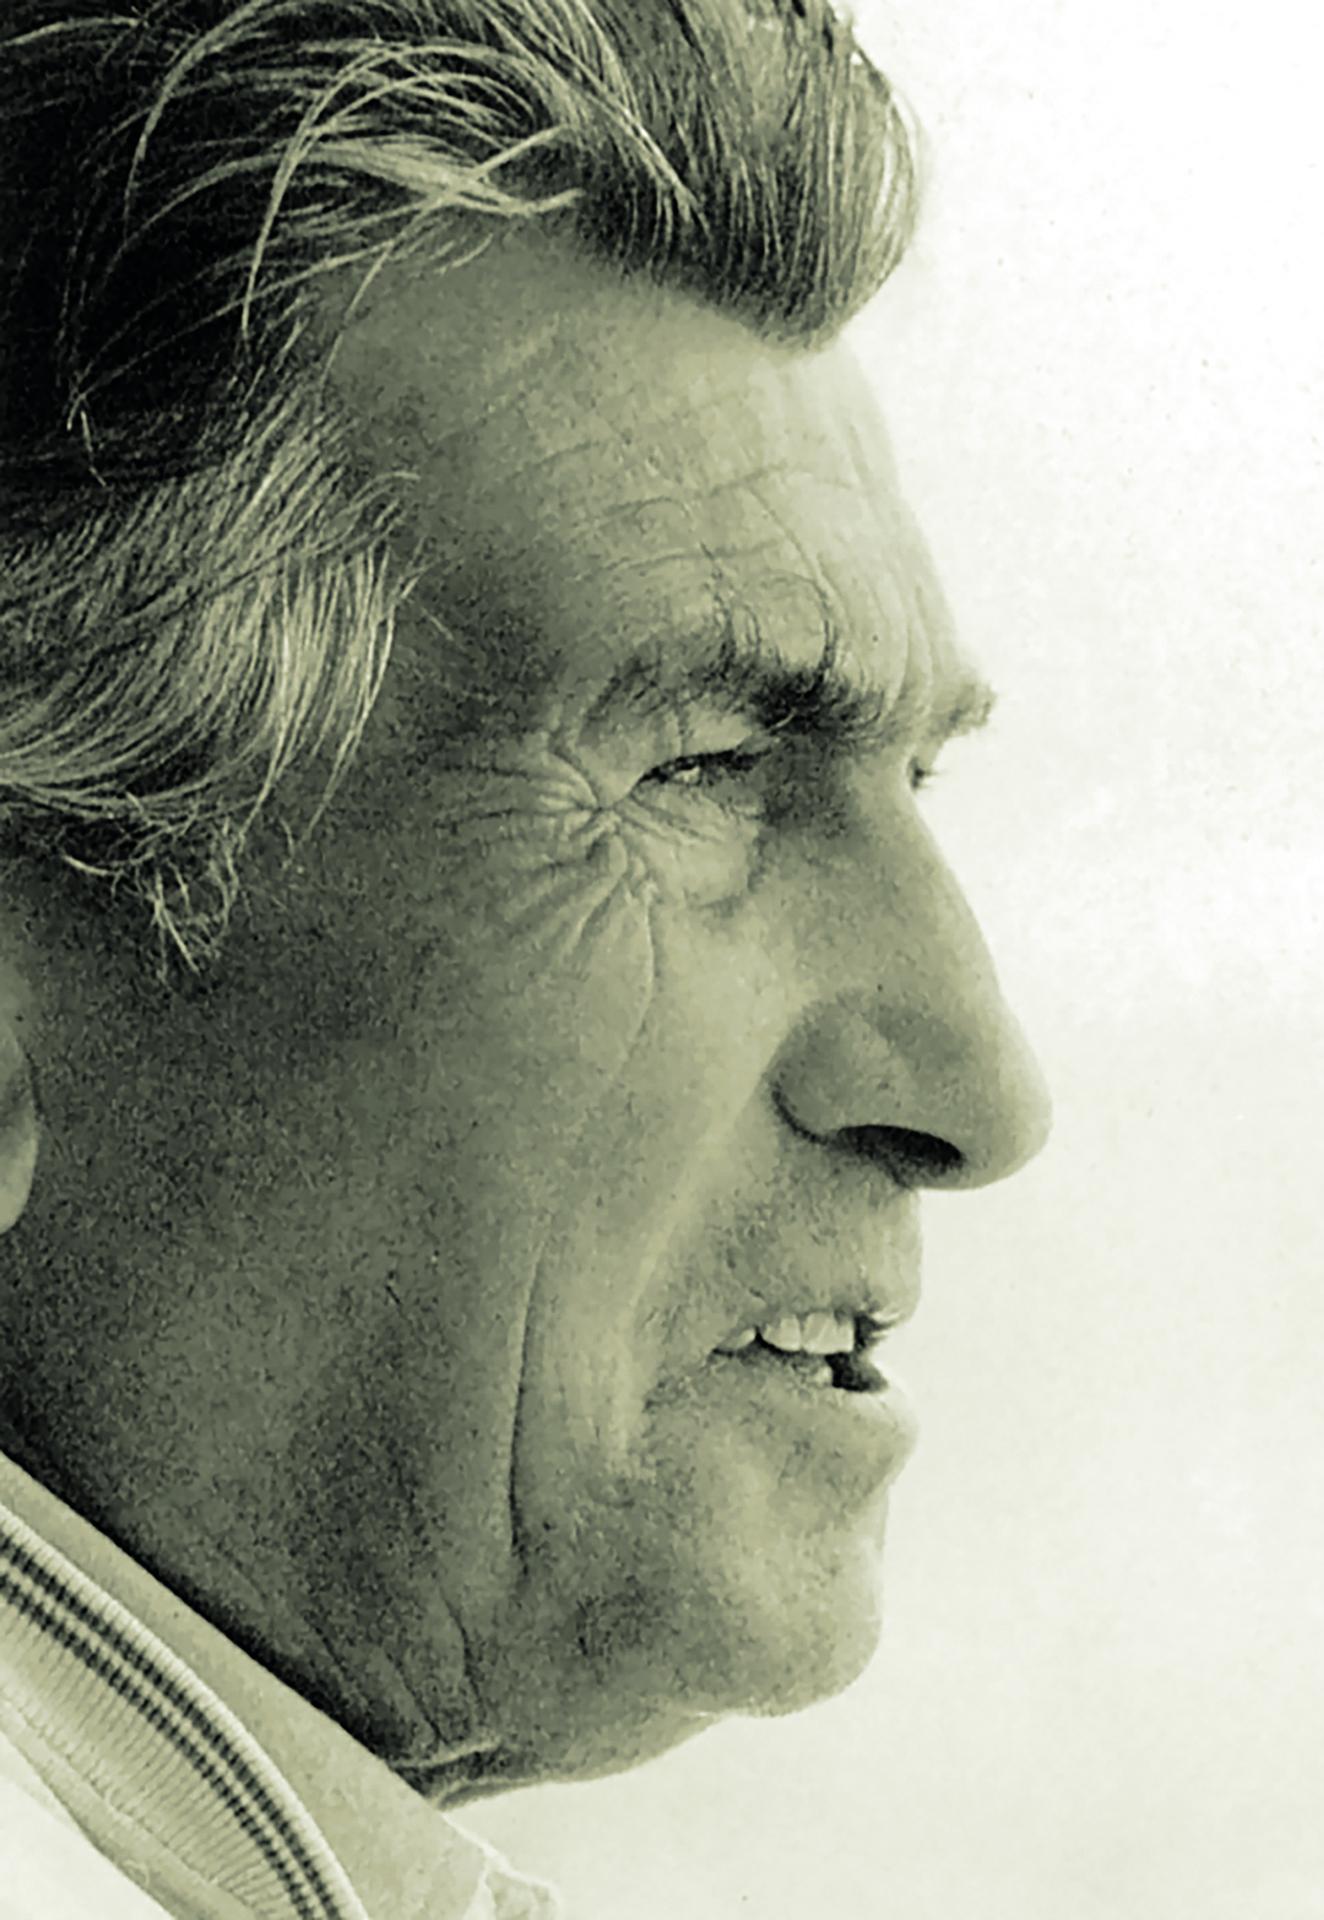 Geschiedenis van Lamborghini - Ferruccio portret